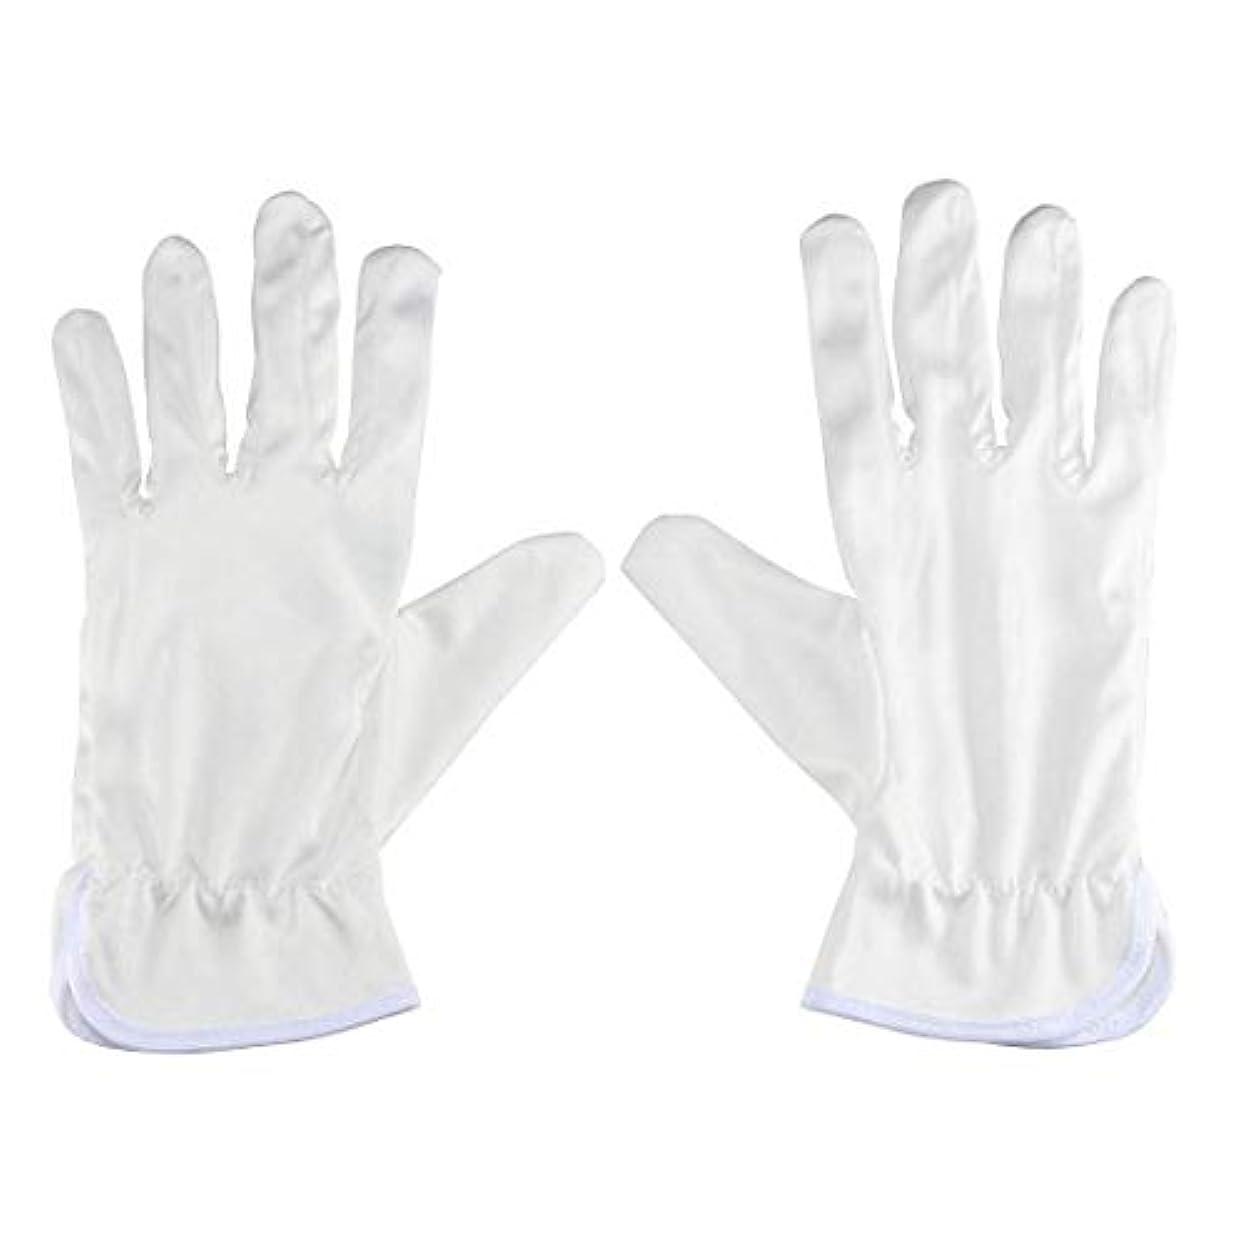 レバー教えファイバeDealMax 1ペアマイクロファイバー防塵フルフィンガー作業用保護手袋白小